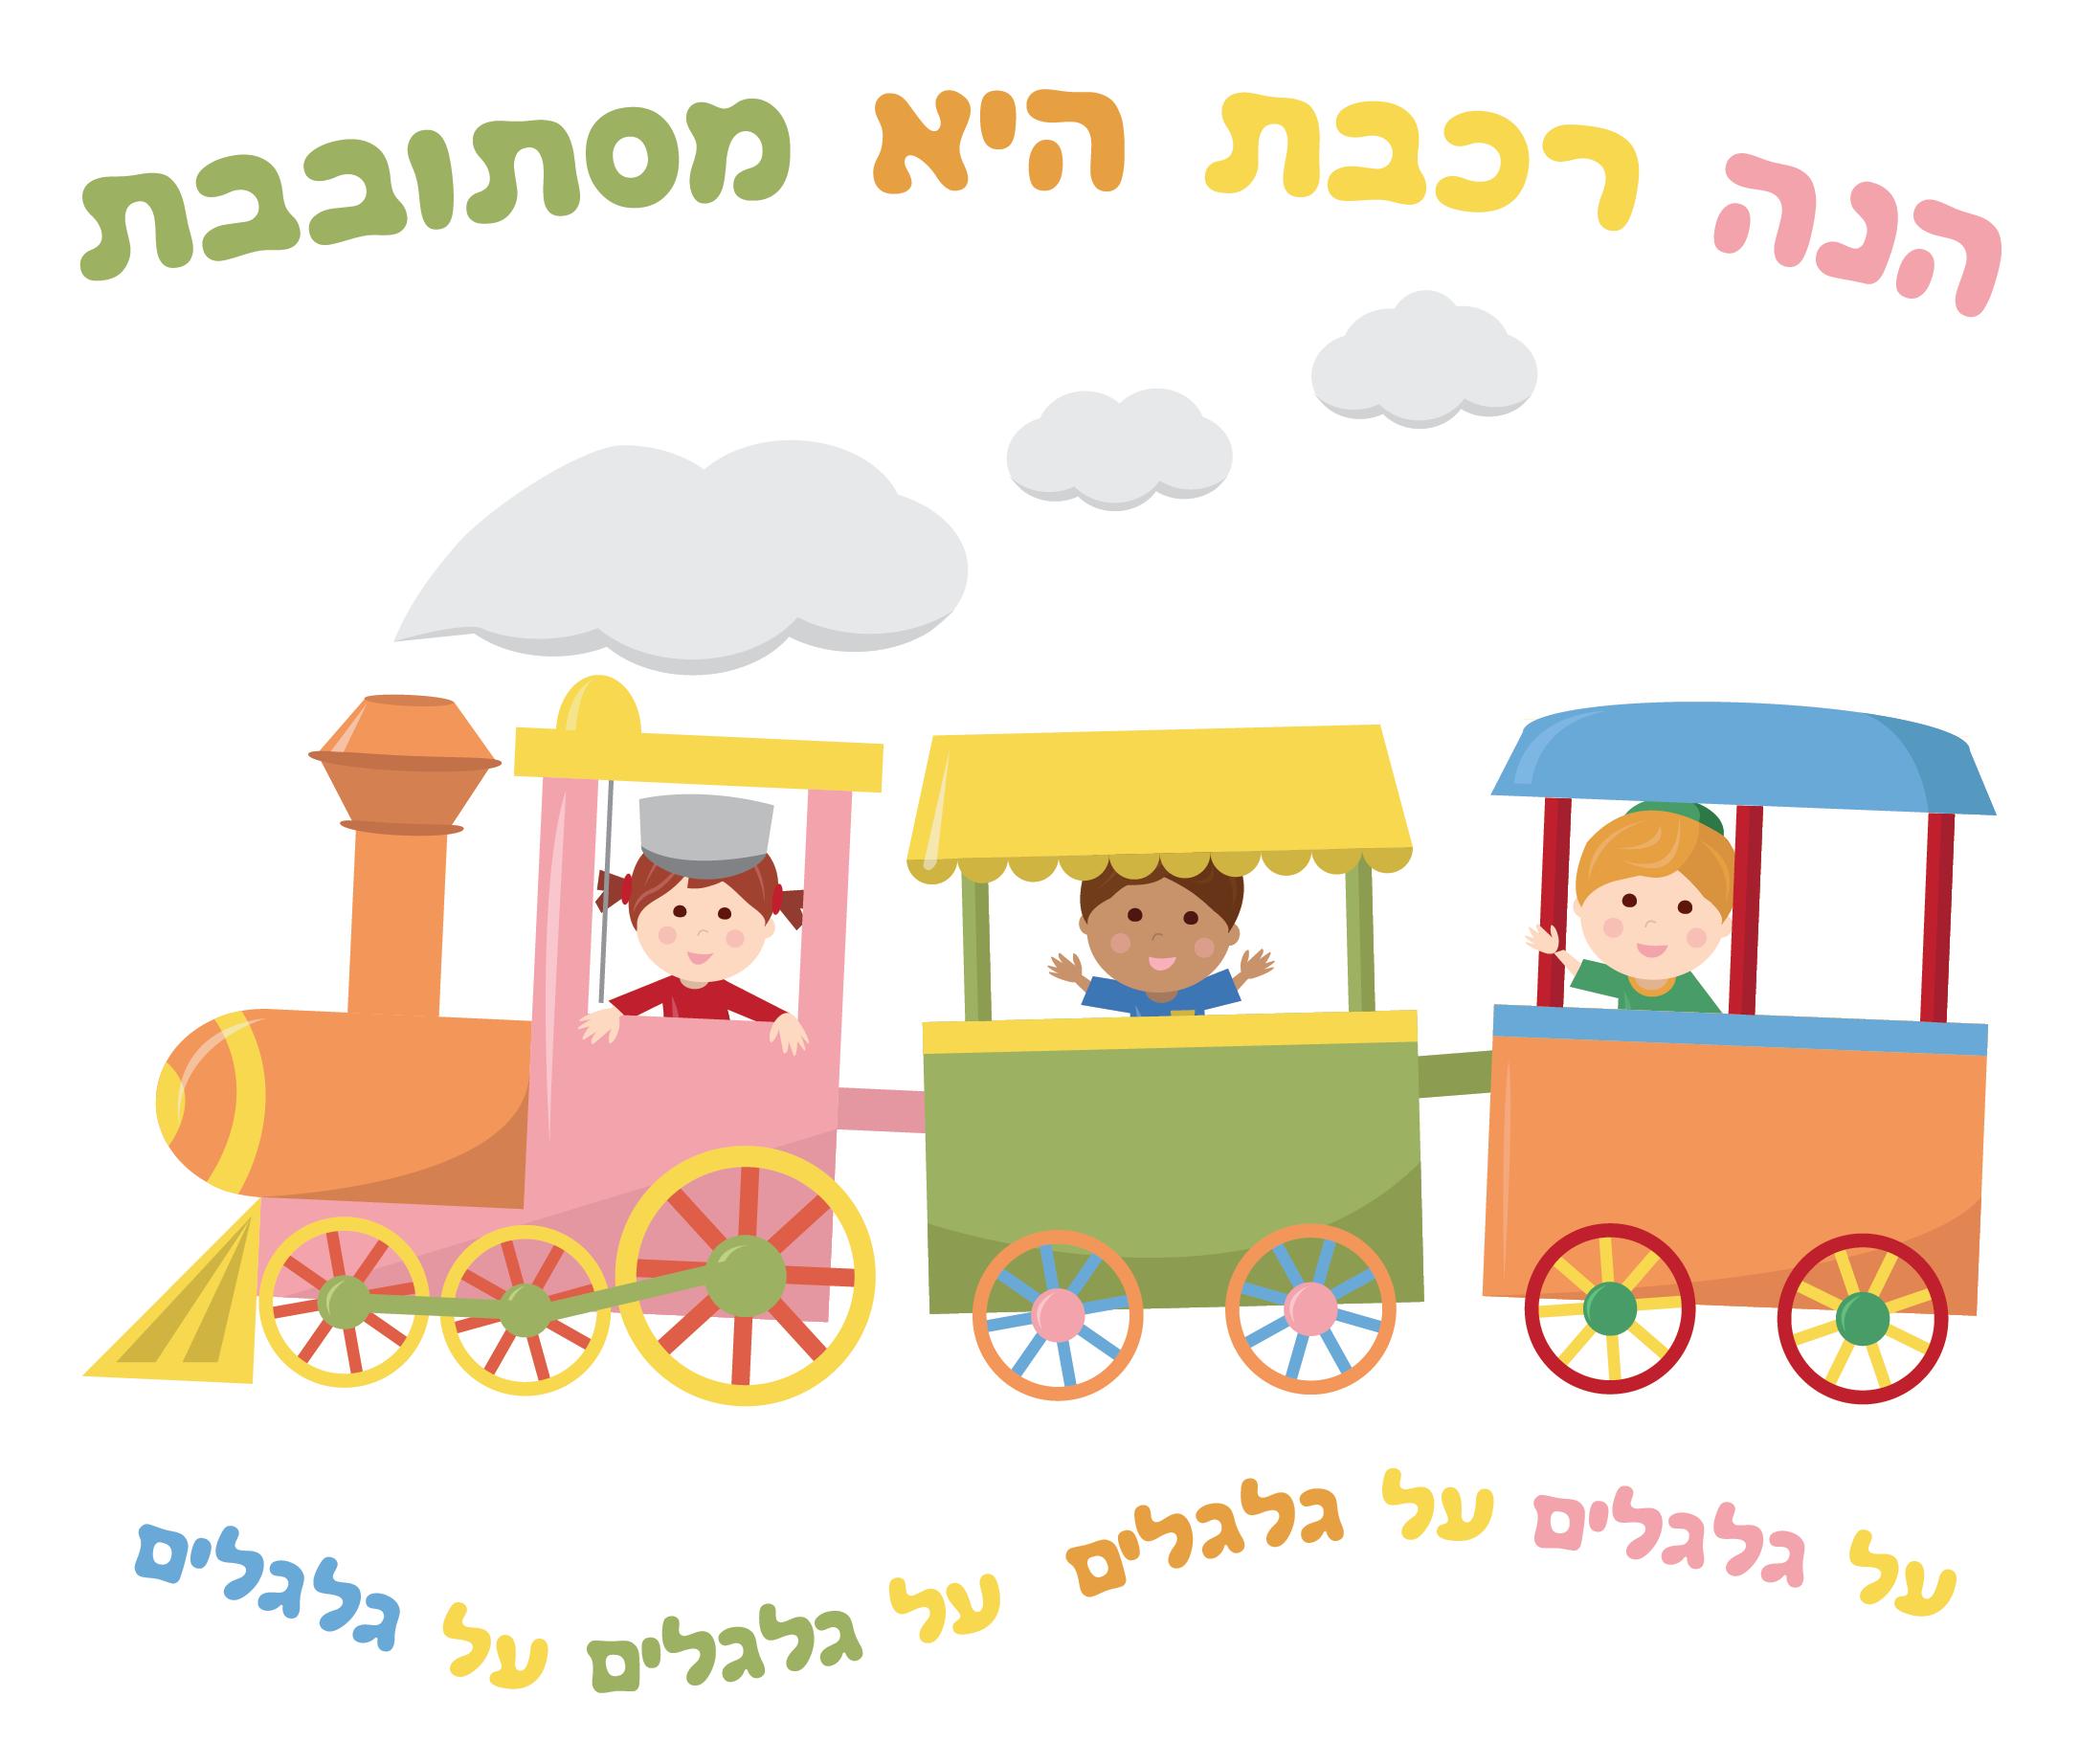 TRAIN SONG IN HEBREW